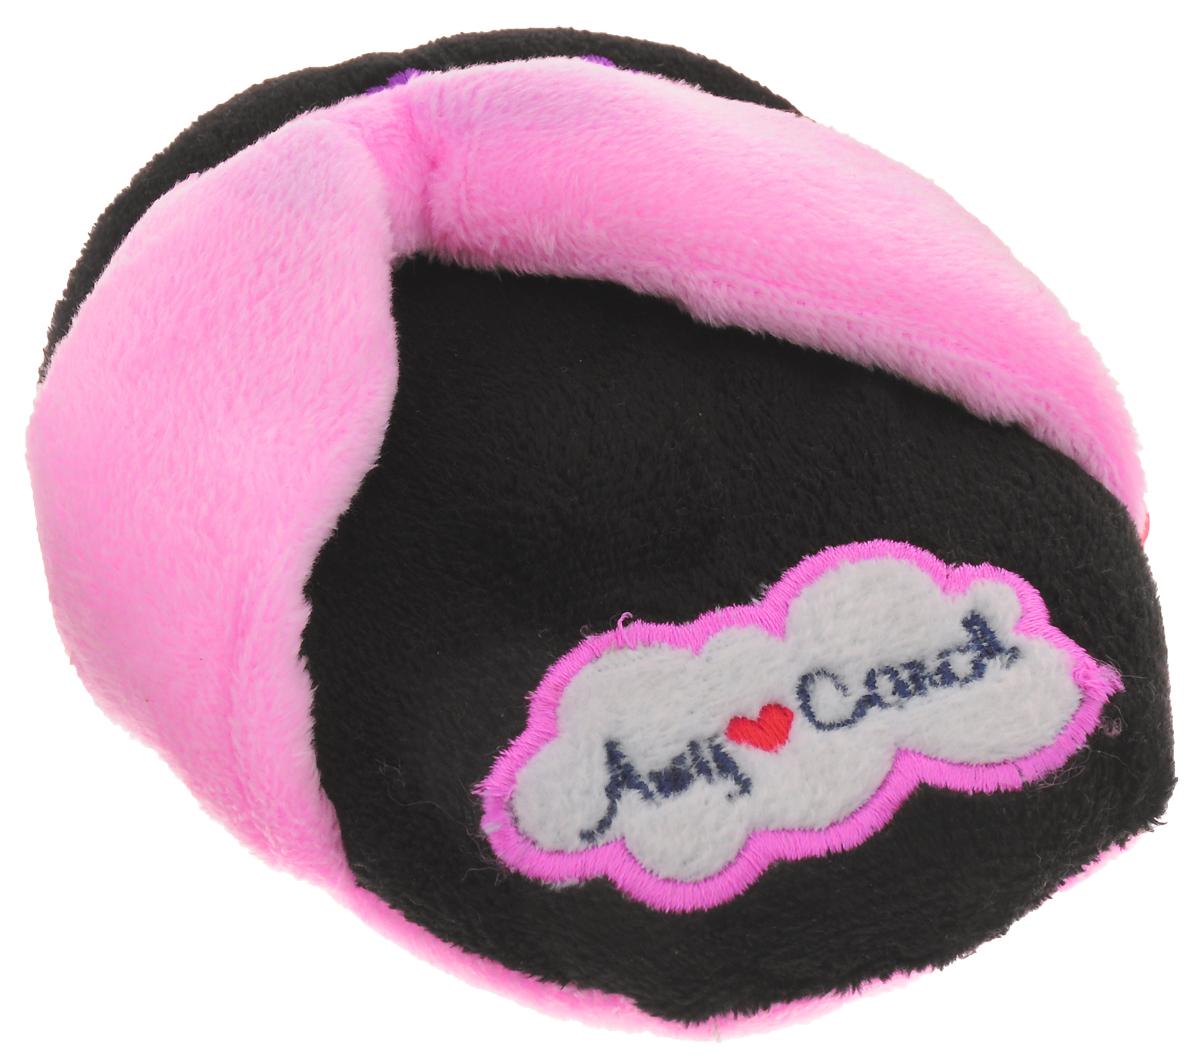 Игрушка для животных Camon Тапочки, с пищалкой, цвет: розовый, черный, 12 х 10 х 3 см игрушка для собак camon рыбка с пищалкой цвет белый красный 10 х 6 х 6 3 см